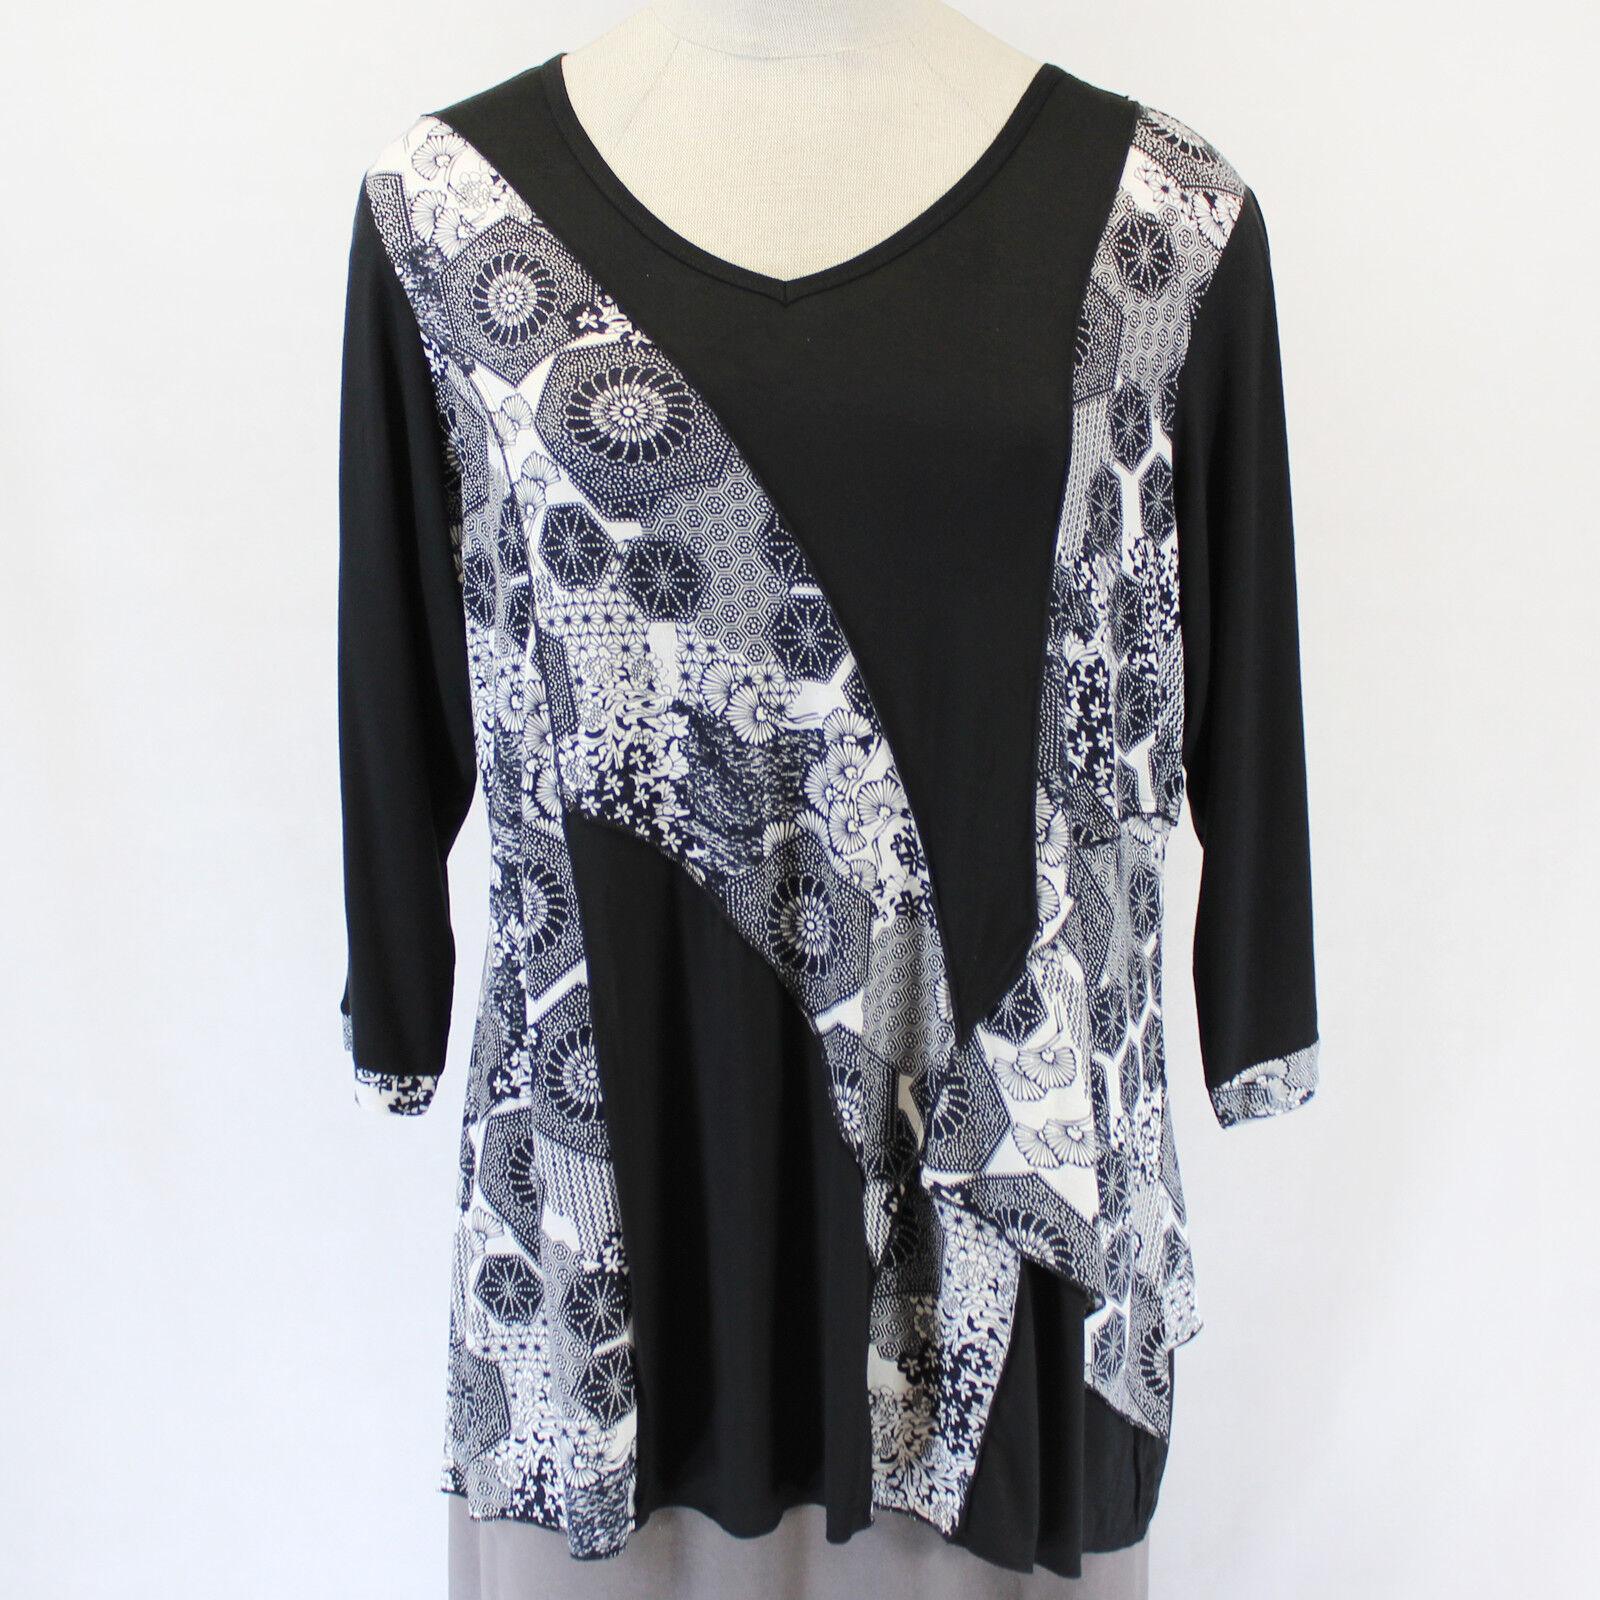 Parsley & Sage Plus Größe Amelia Tunic Floral Print V-Neck Blouse Top 3X